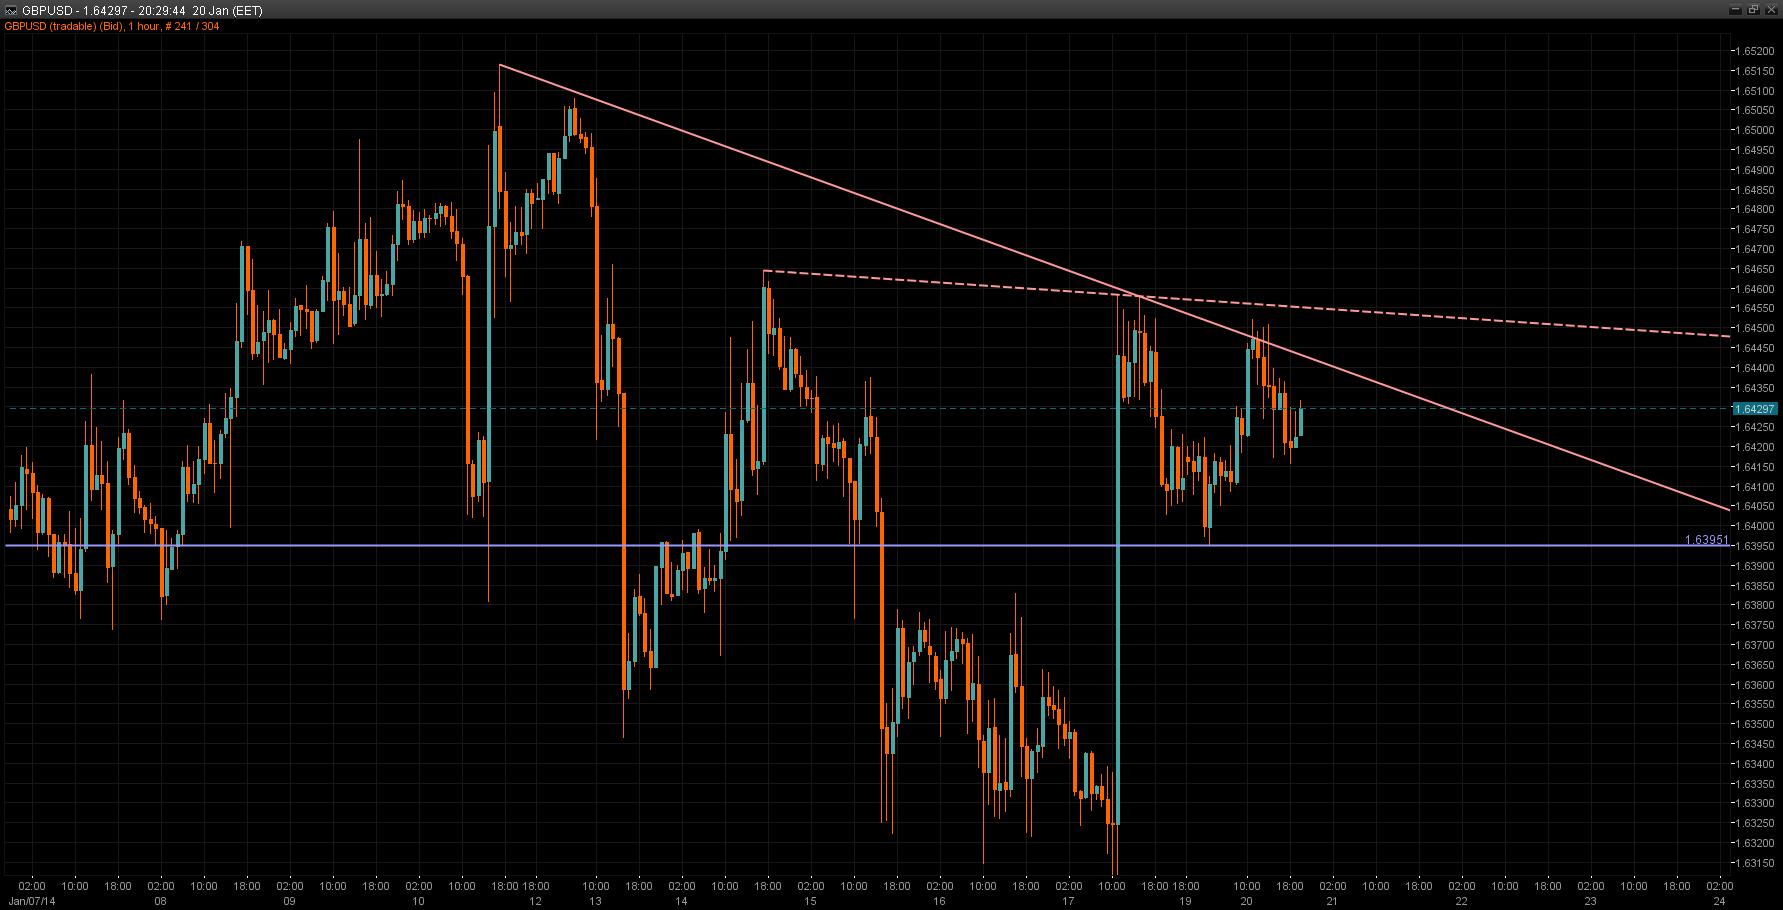 GBP/USD Chart 20 Jan 2014